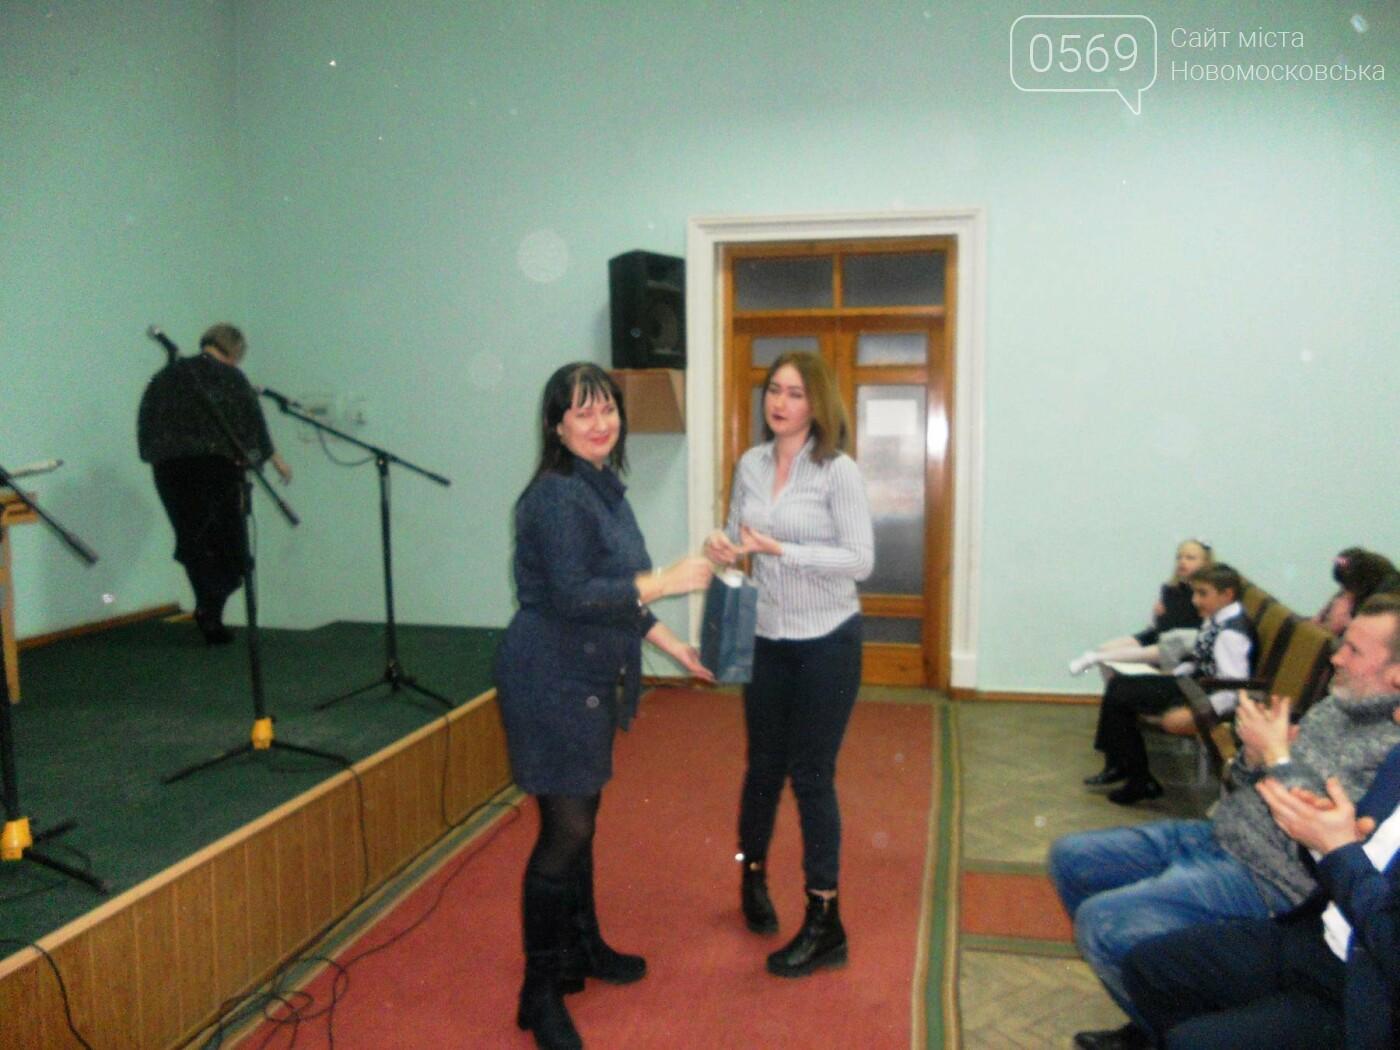 В Новомосковську назвали імена переможців  фестивалю «Діамантова нотка», фото-5